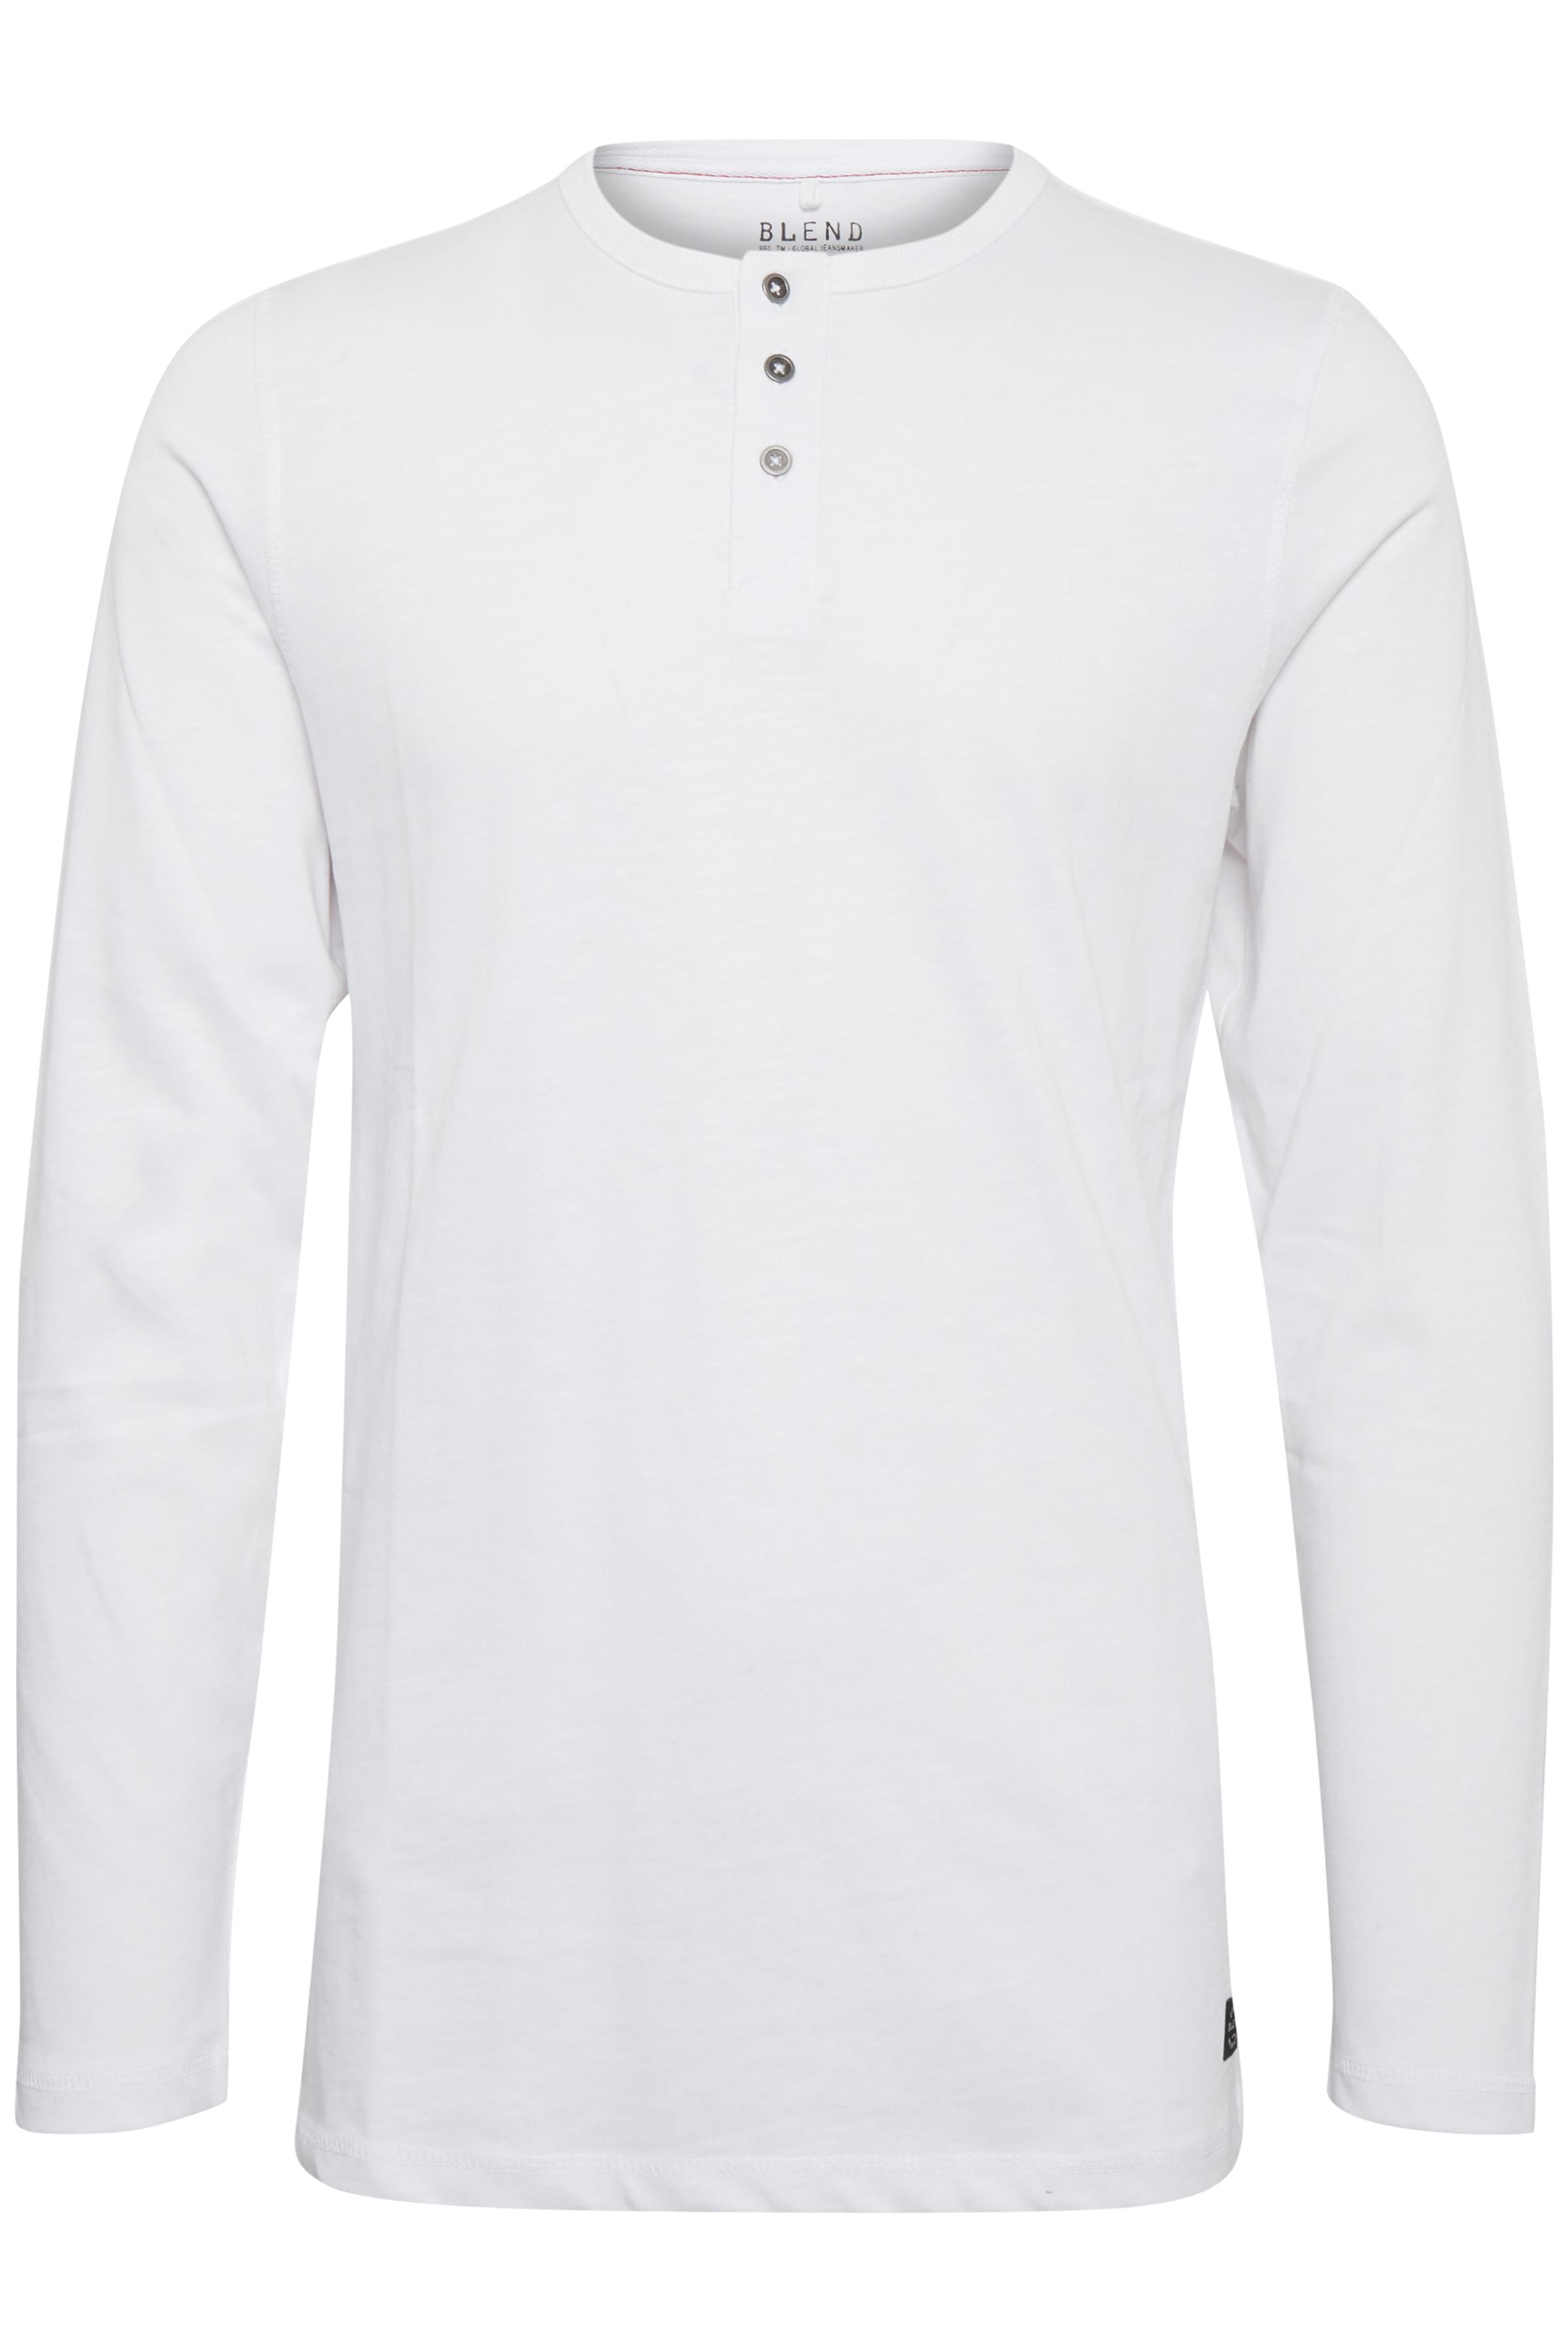 Image of Blend He Herre Langærmet T-shirt - White